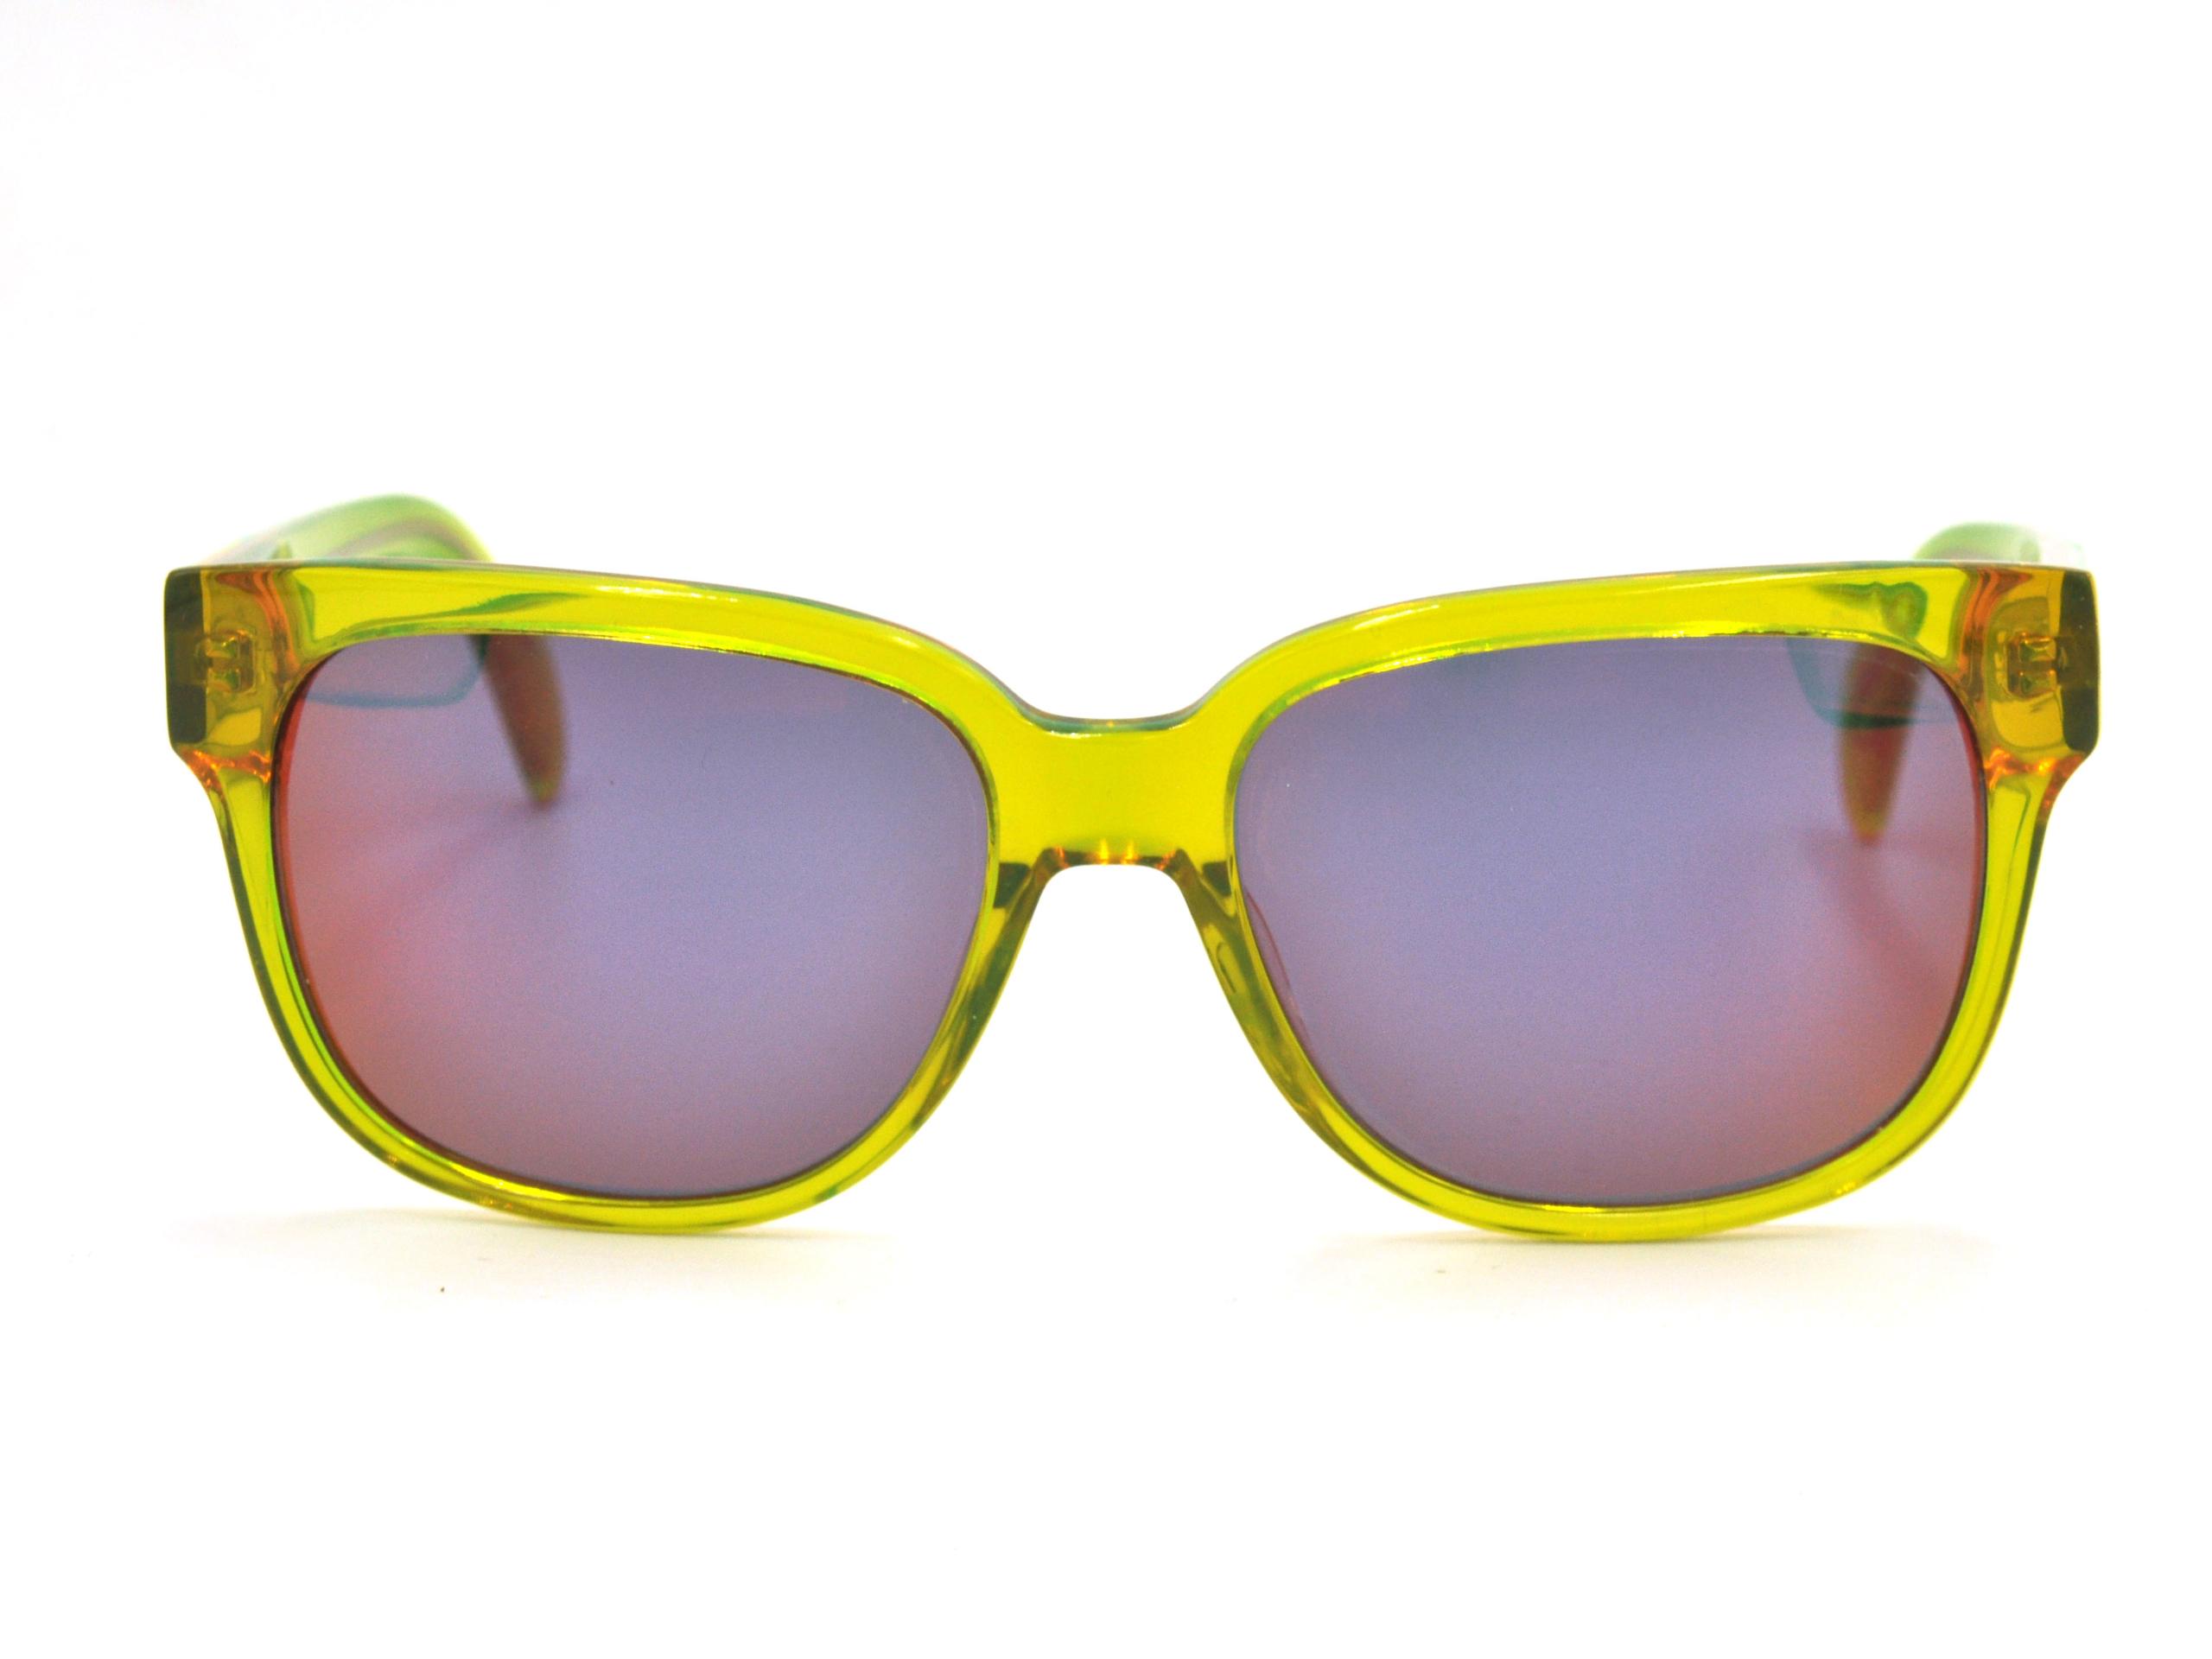 Γυαλιά ηλίου Diesel DL0074 C98U 55-16-145 Πειραιάς